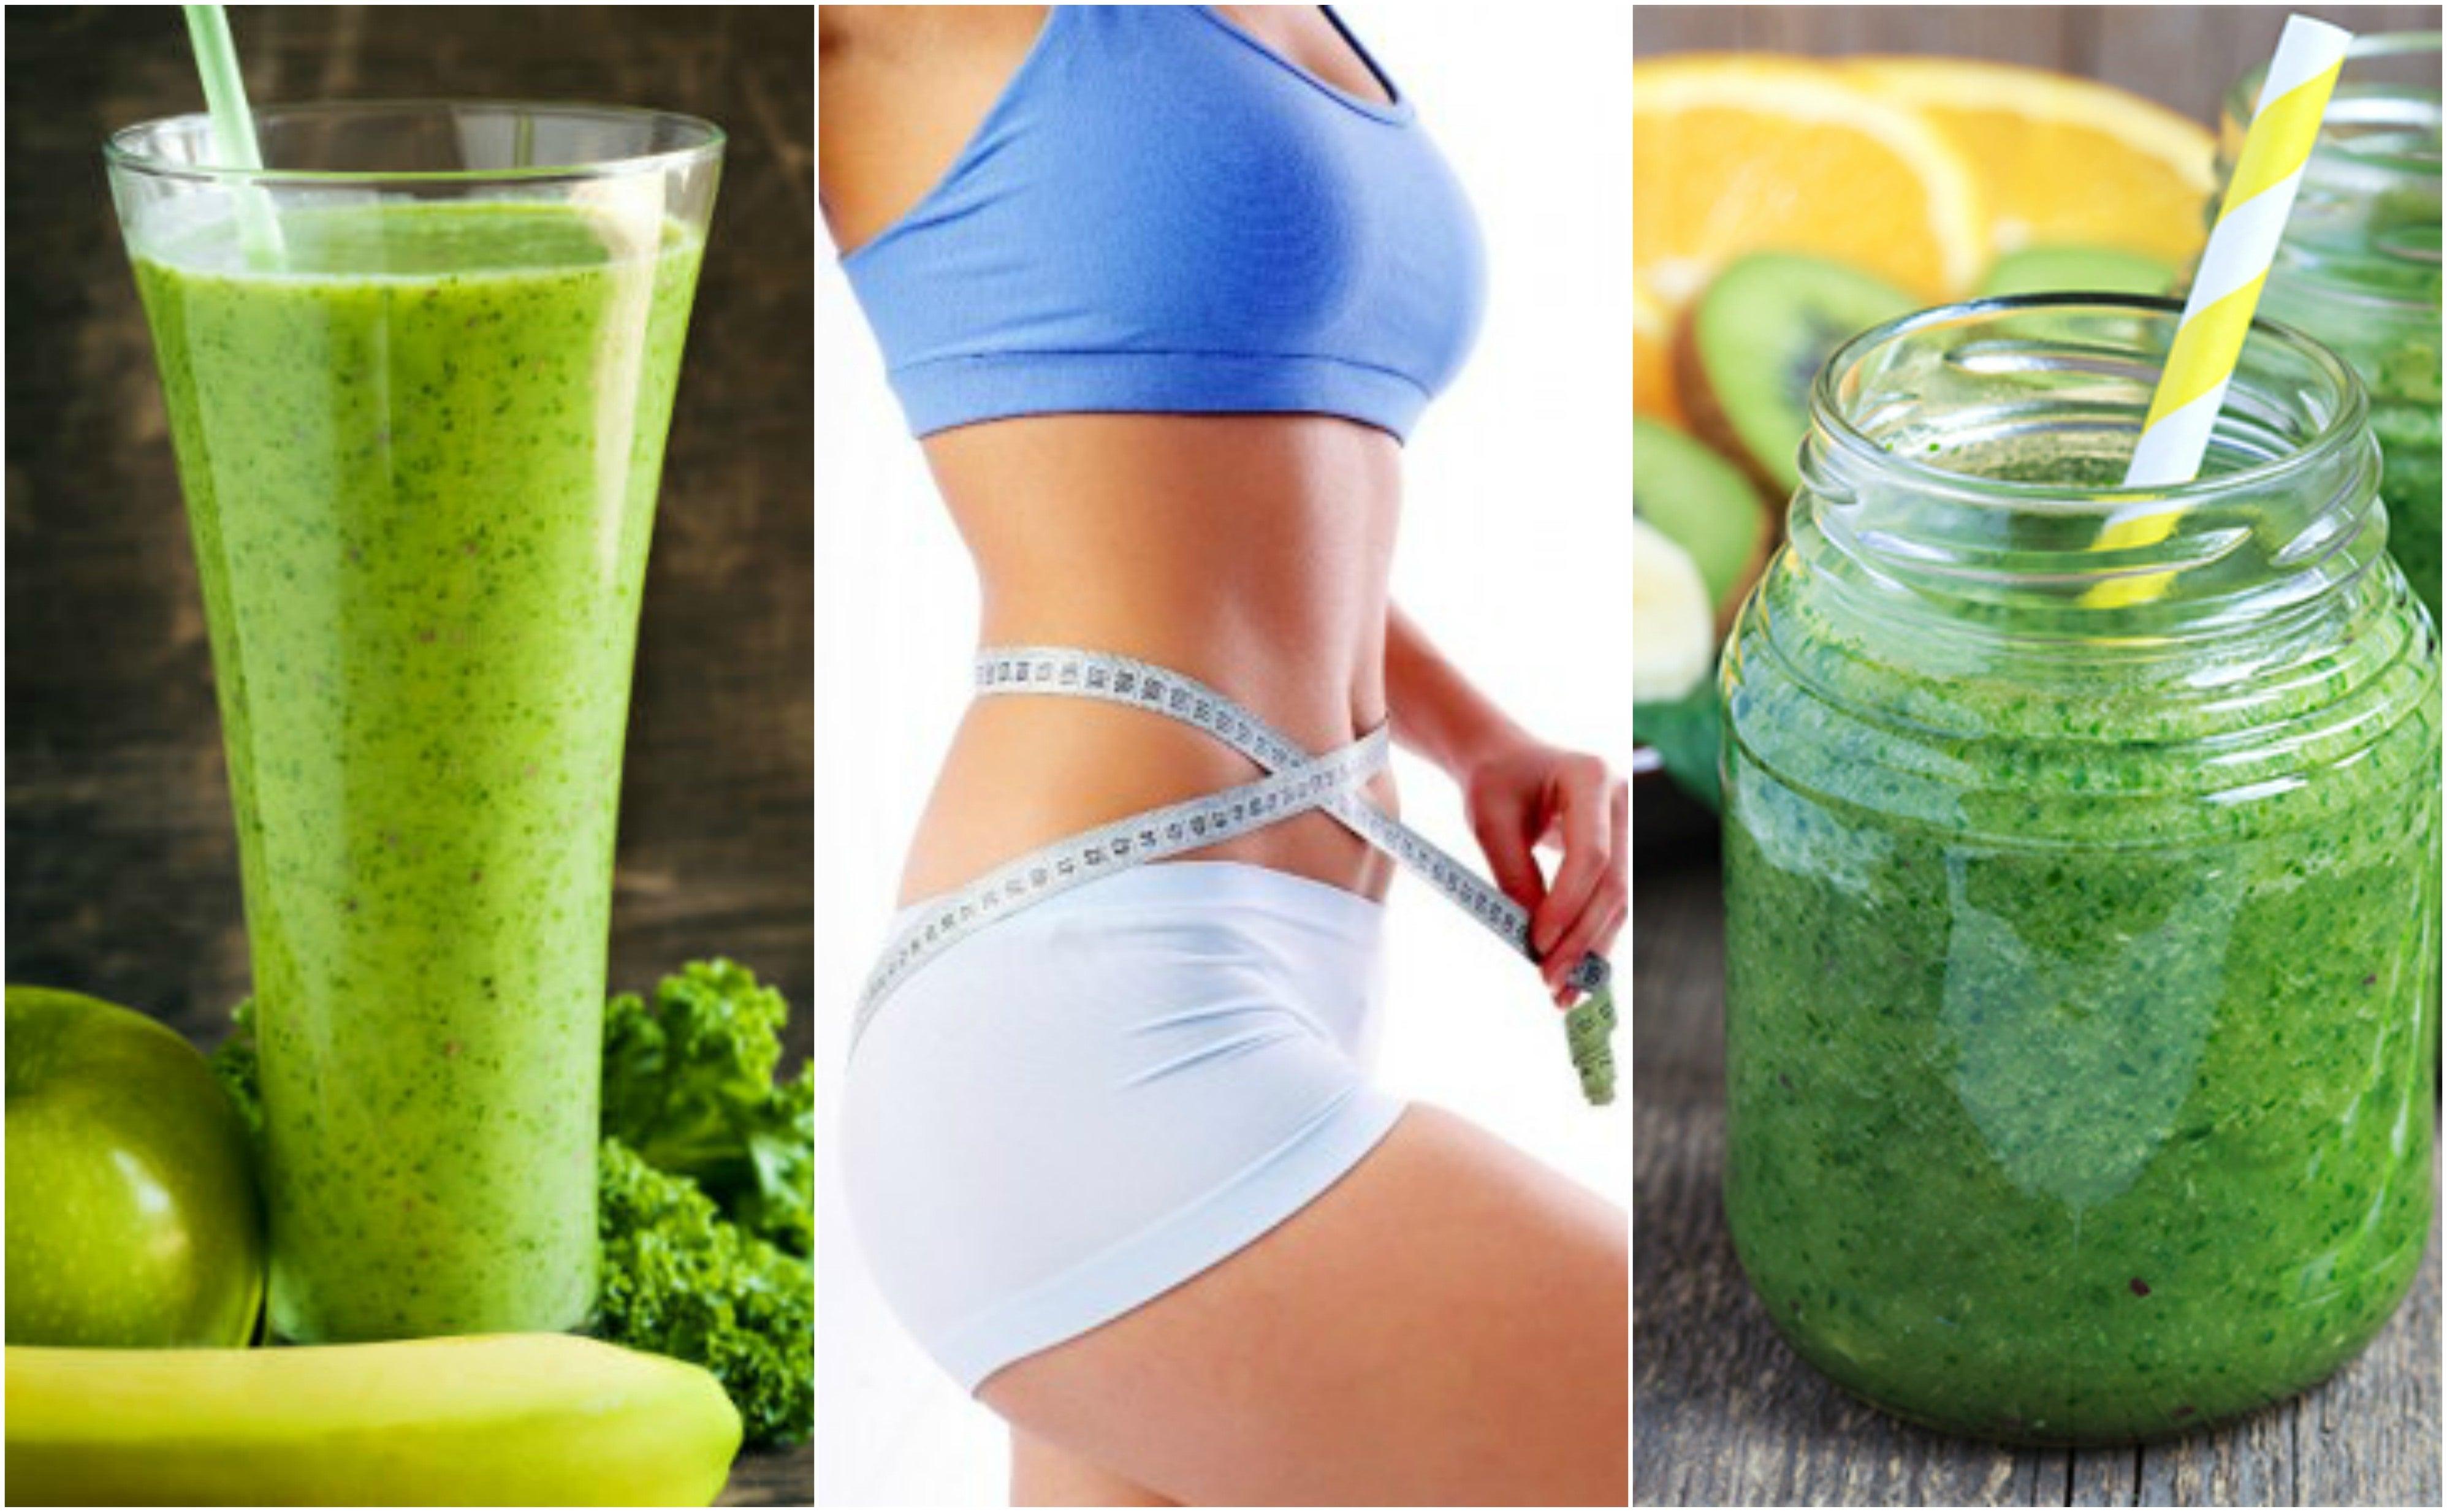 Descubre cómo preparar 5 jugos verdes para bajar de peso